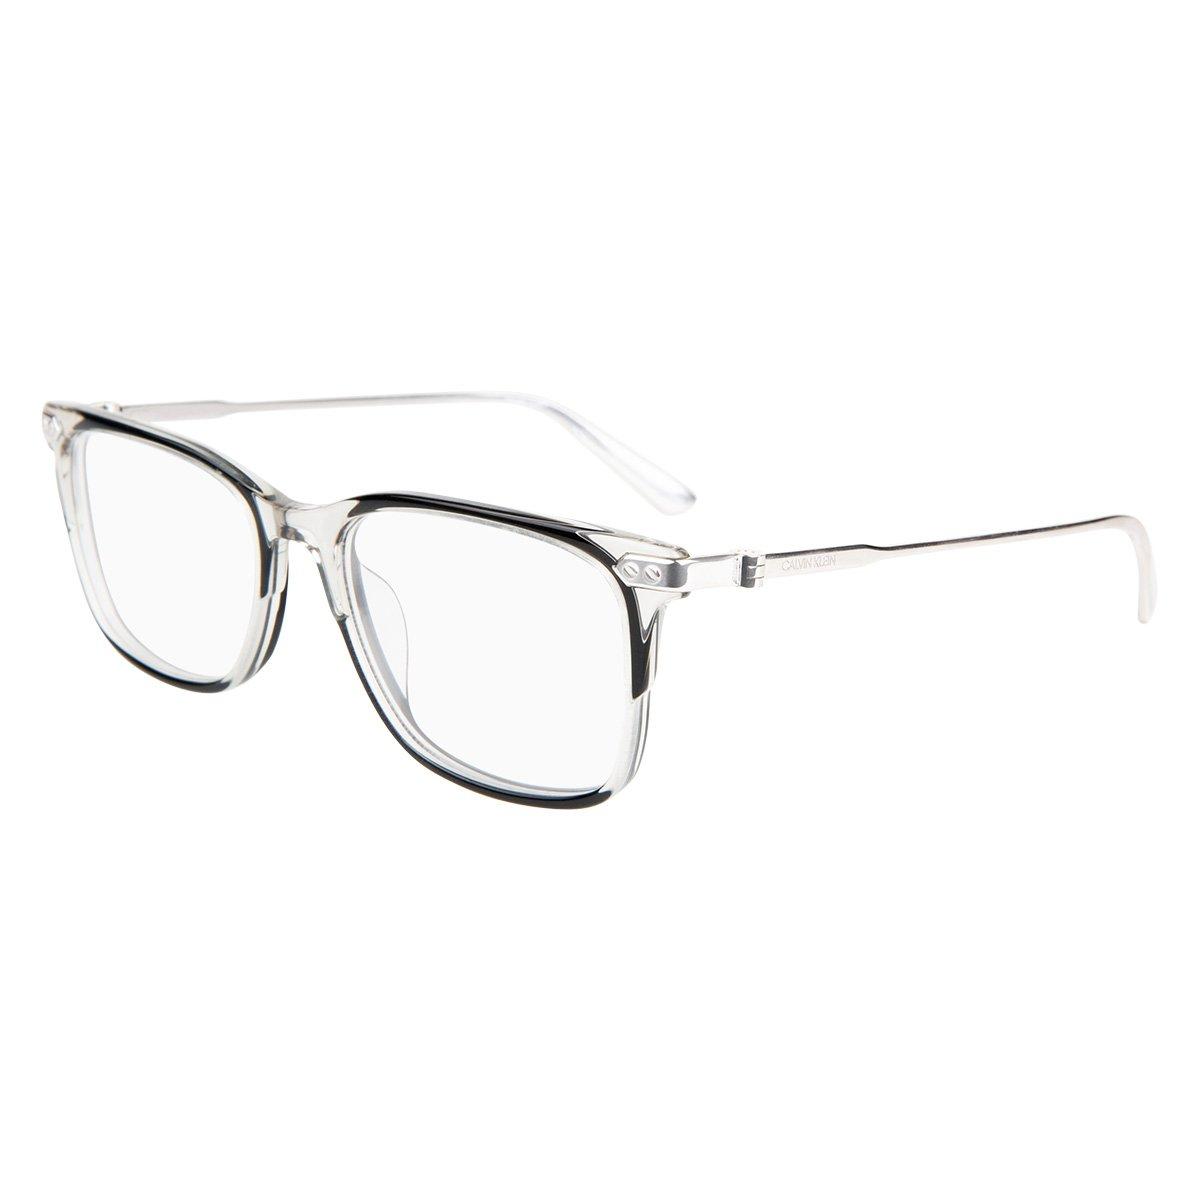 Óculos Calvin Klein Ck18704 072 Feminino